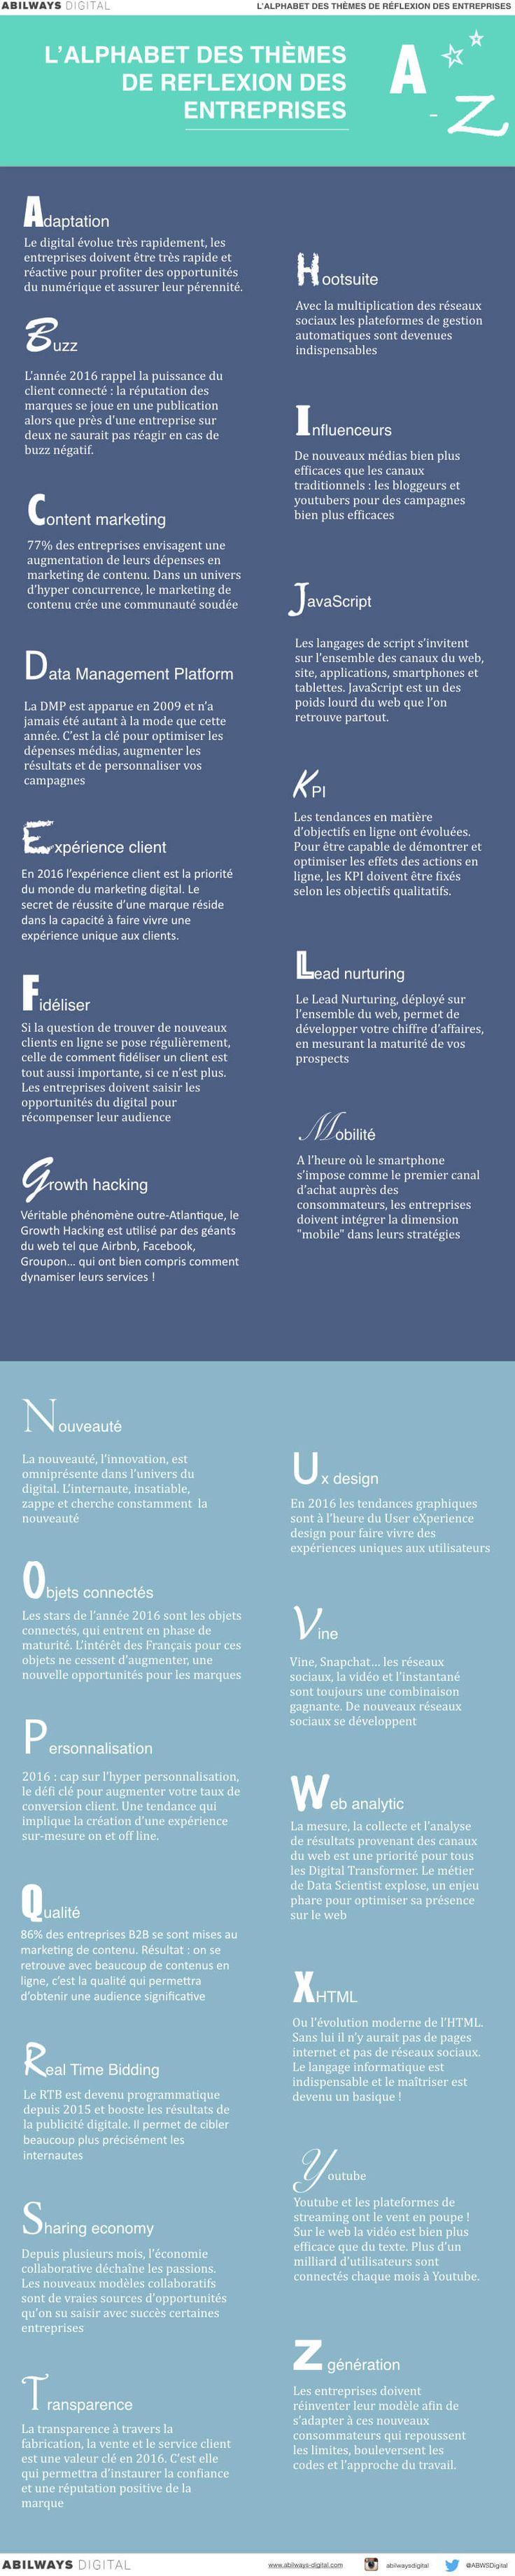 Alphabet des thèmes de réflexion des entreprises